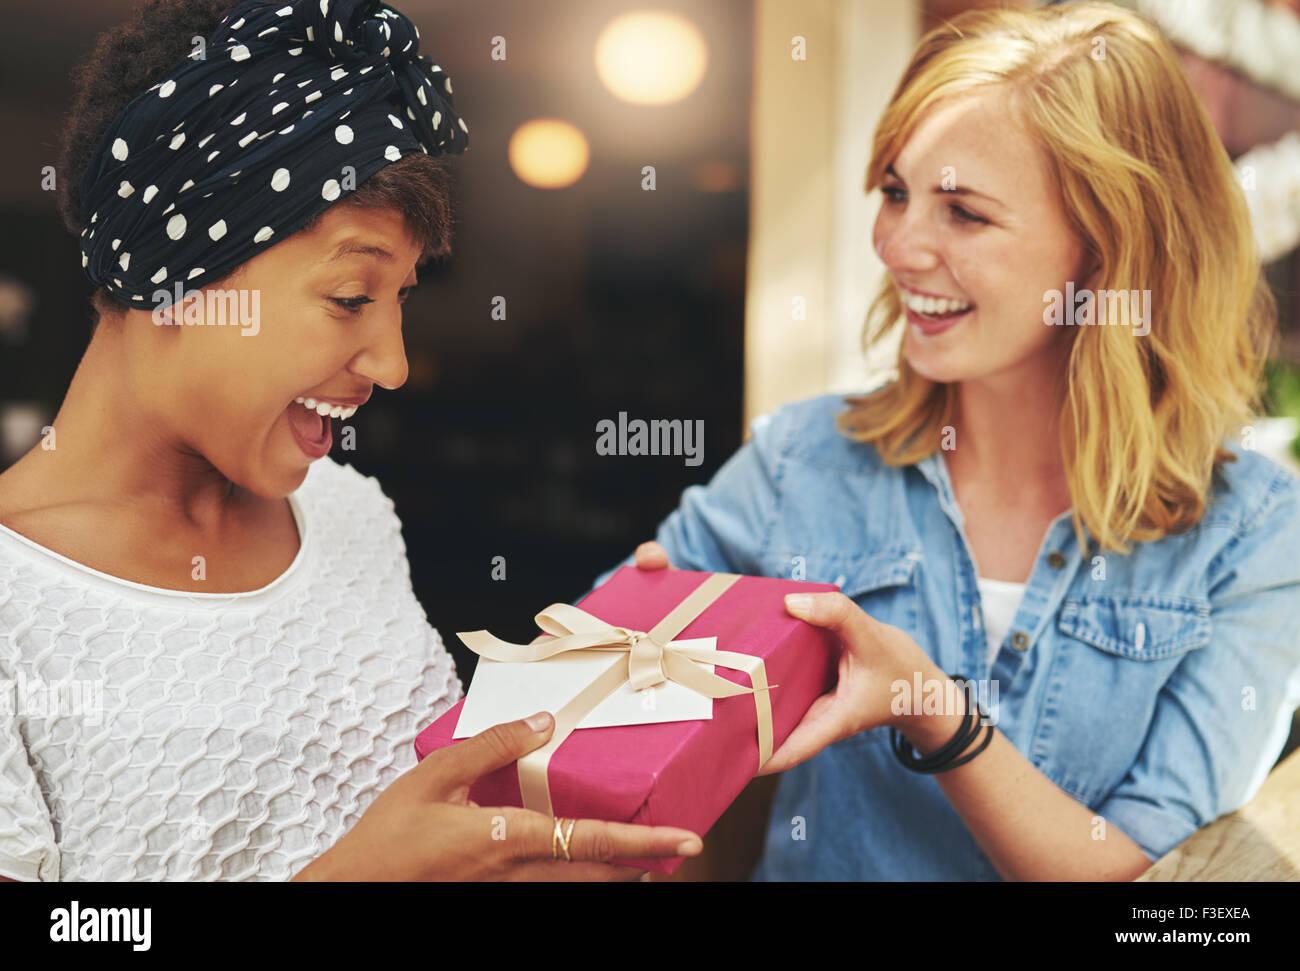 Piuttosto giovane donna bionda dando un attraente giovane africana amico americano un regalo a sorpresa in confezione Immagini Stock